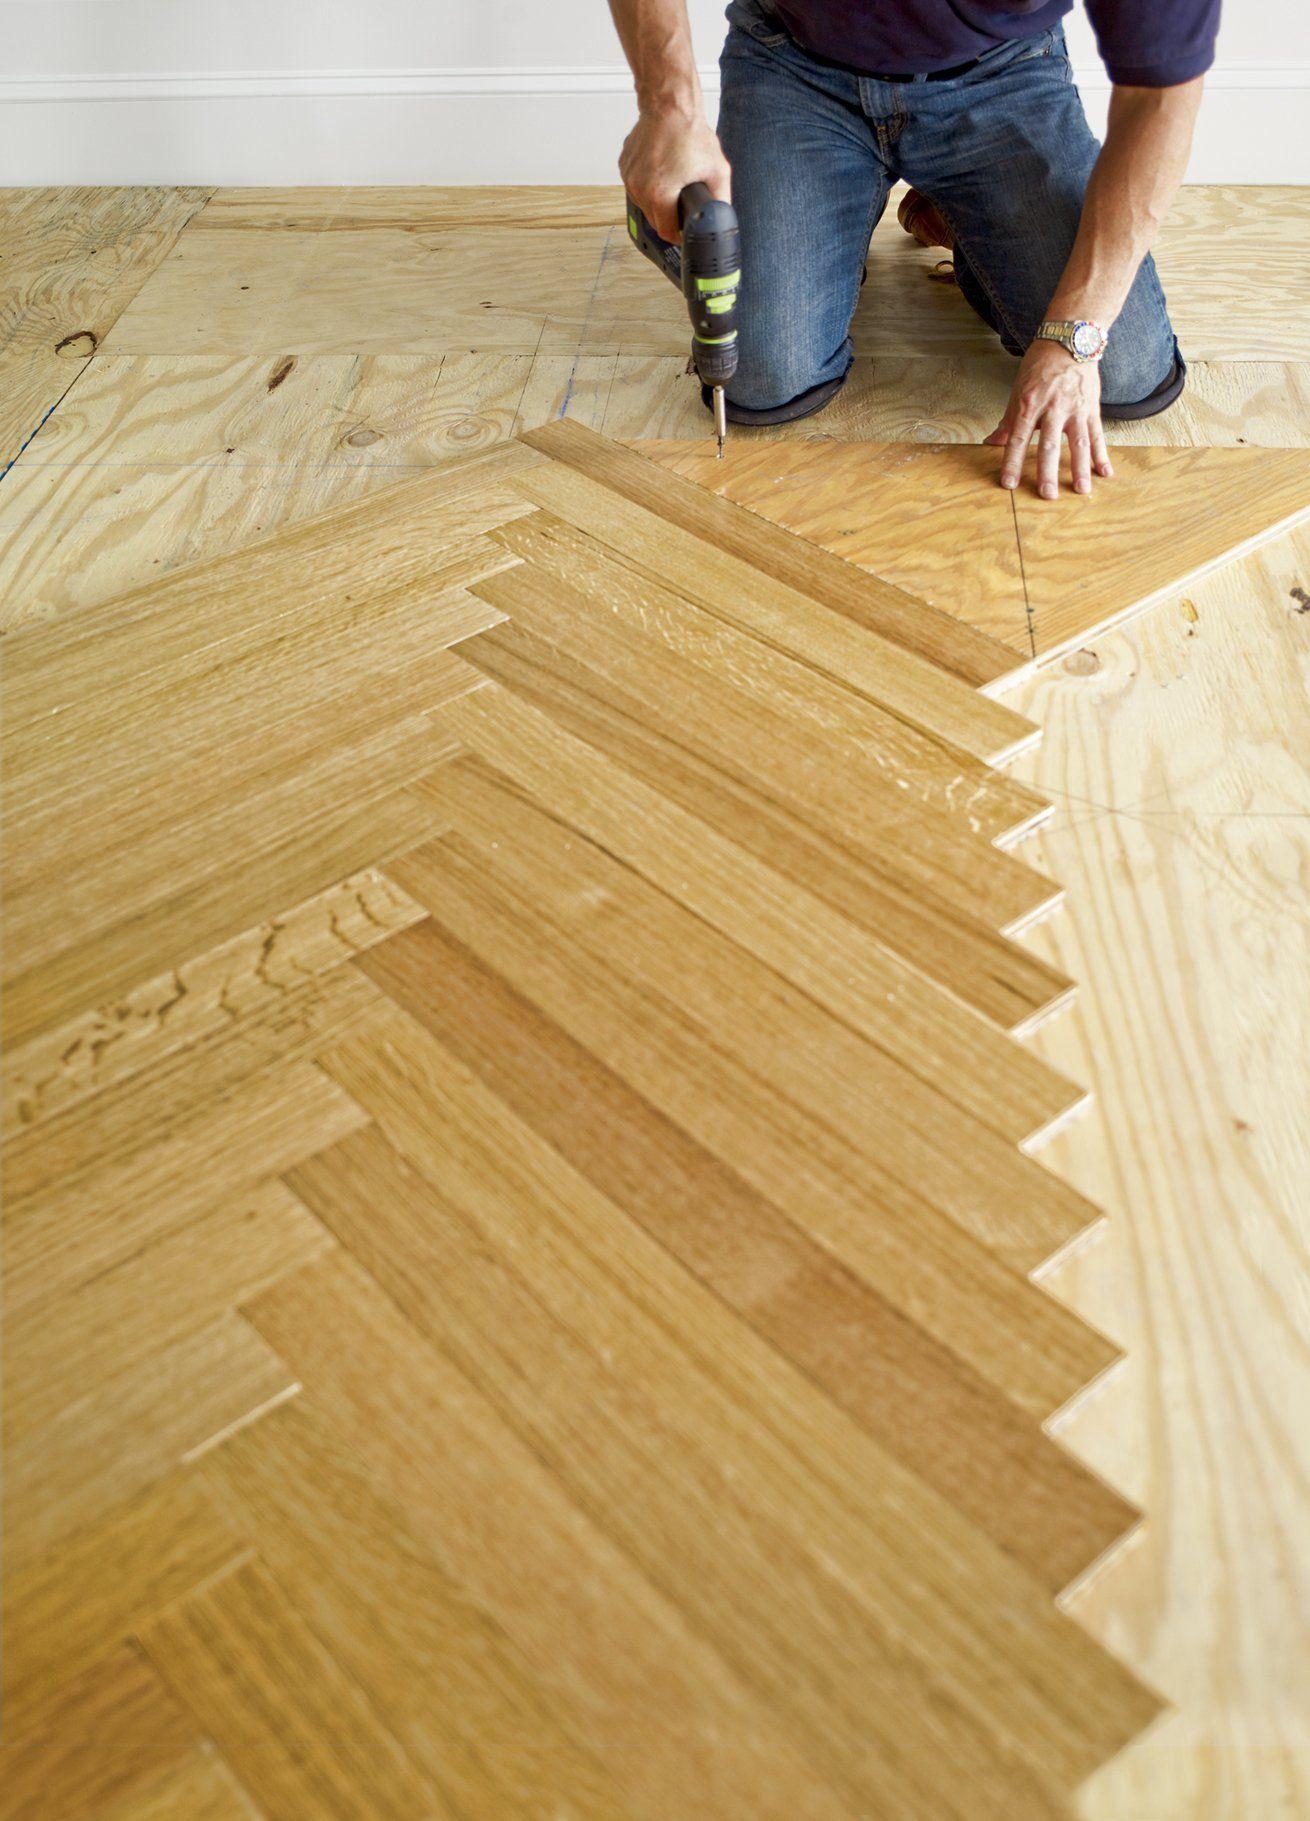 How to Install a Herringbone Floor Diy wood floors, Wood